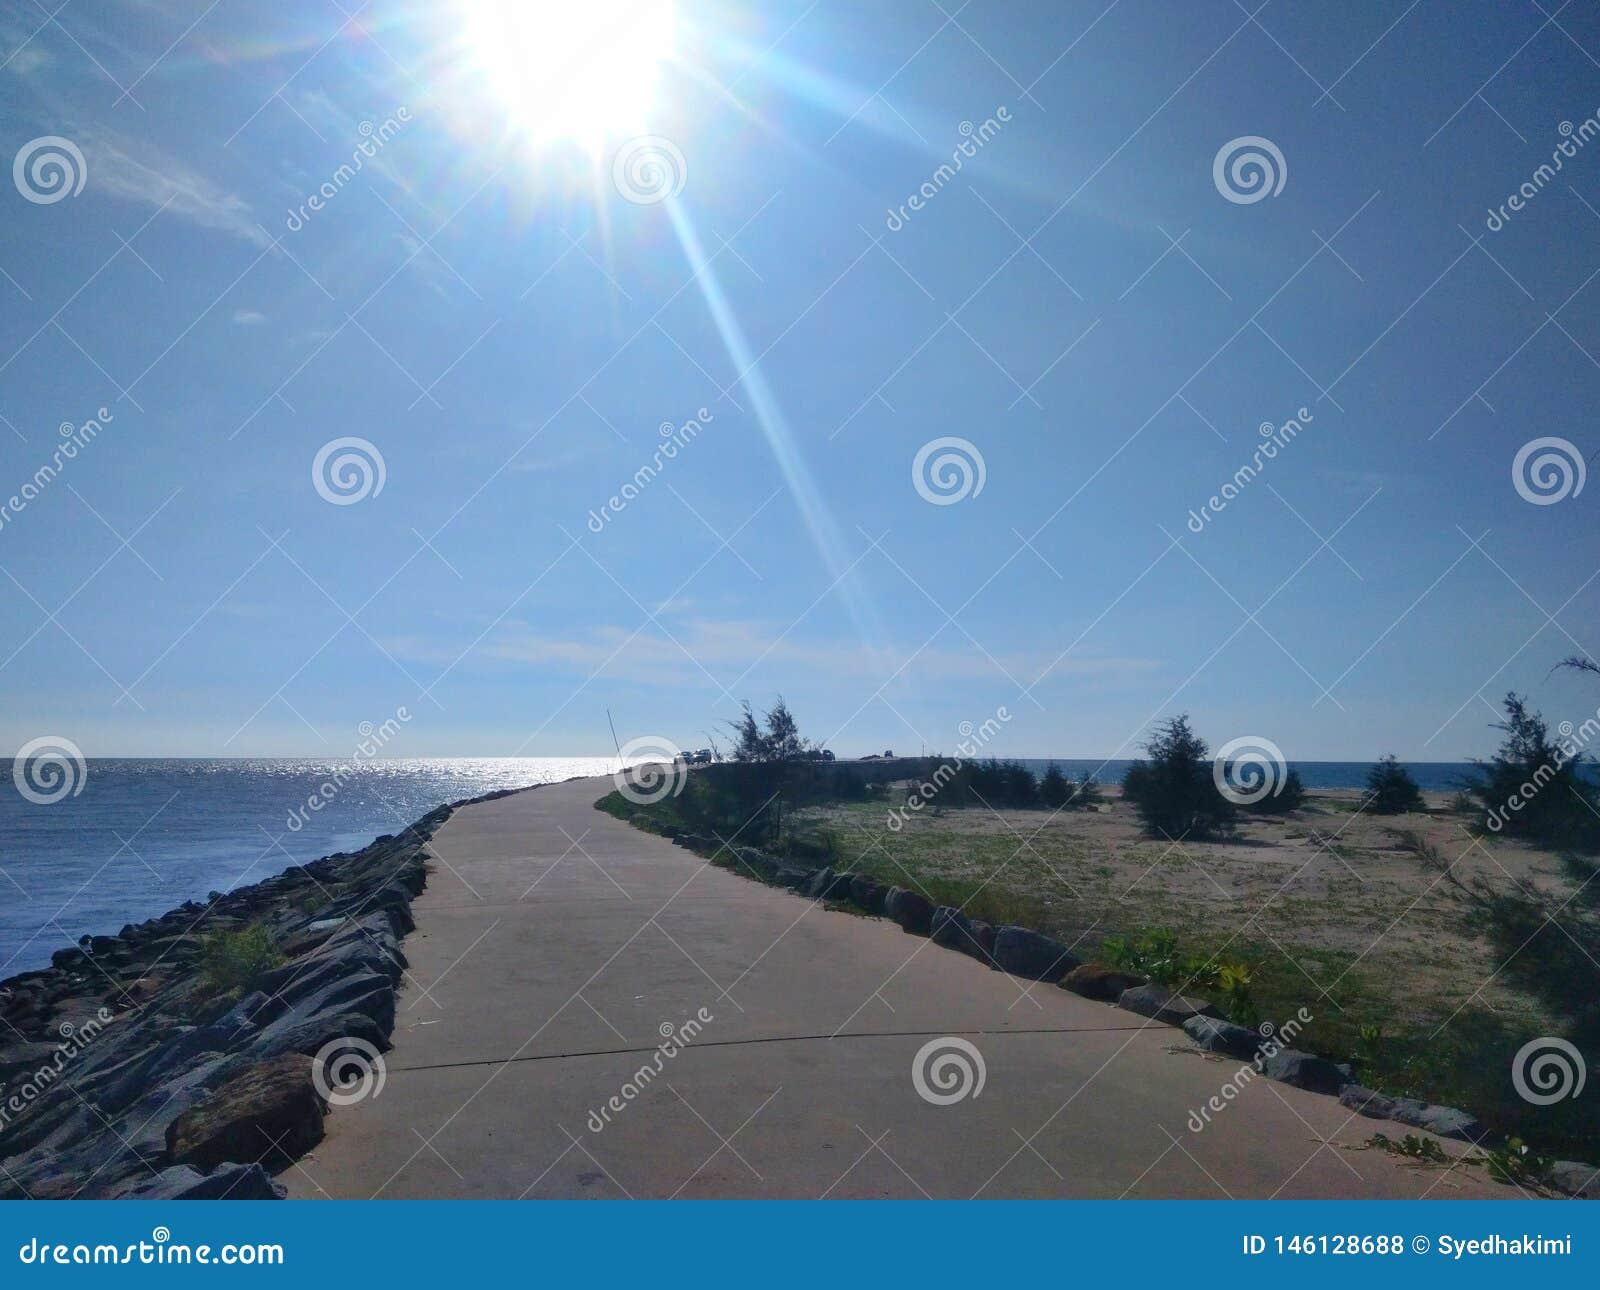 Camino al embarcadero y a la vista al mar con la piedra del triturador de onda - imagen